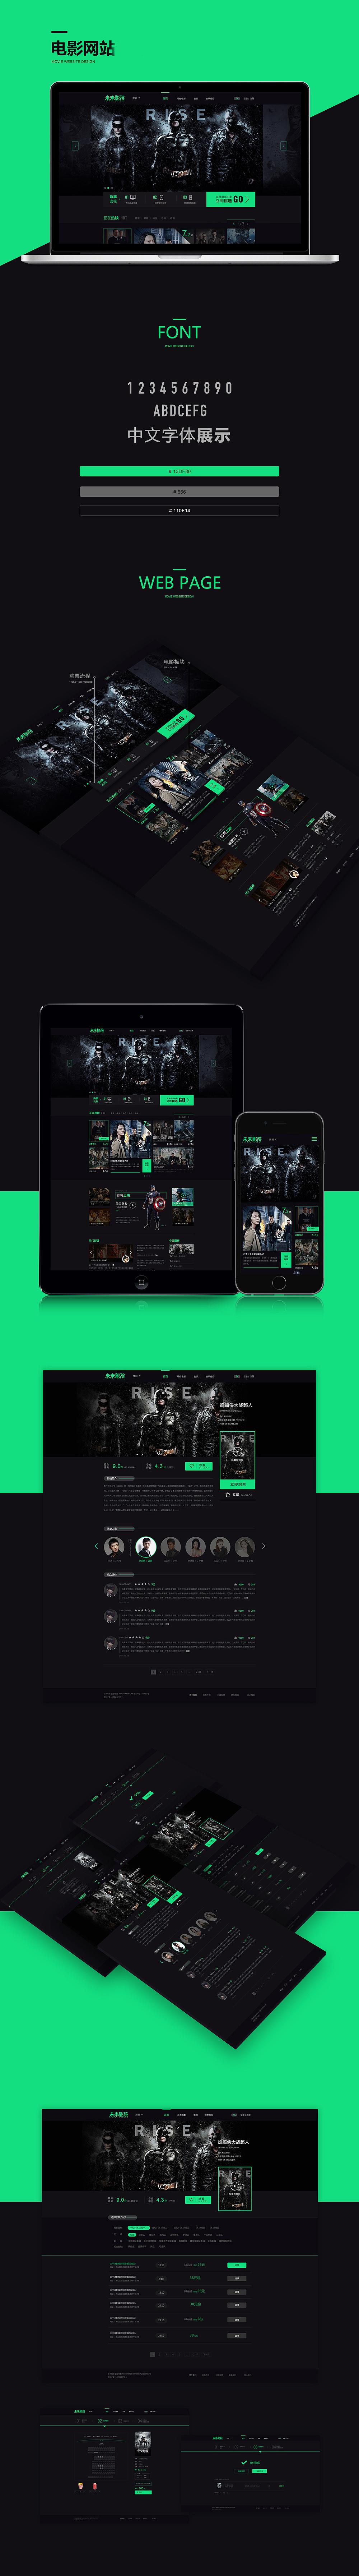 未来影院新版一比一仿优酷视频影视电影电视剧网站源码 UI改色改版完整运营级源代码 第1张